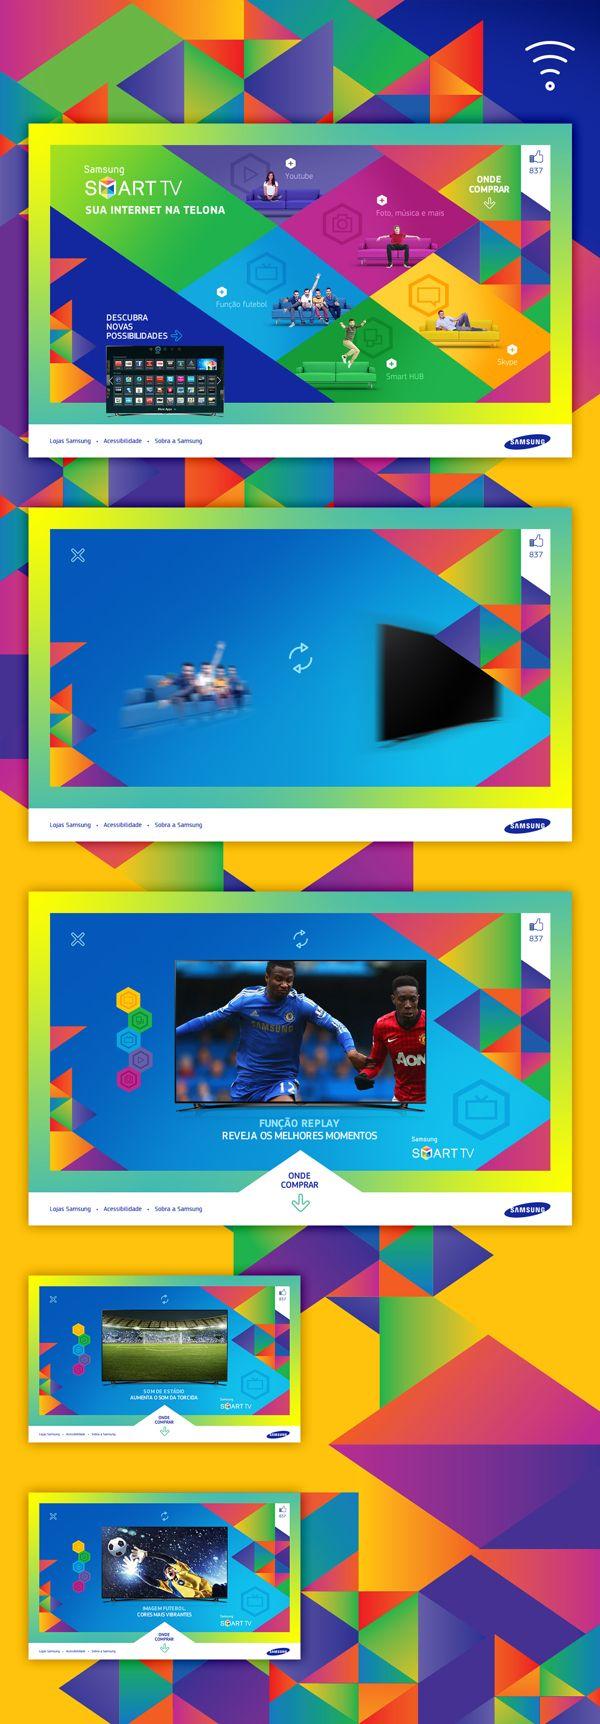 Samsung Smart TV by Ian Sutter, via Behance